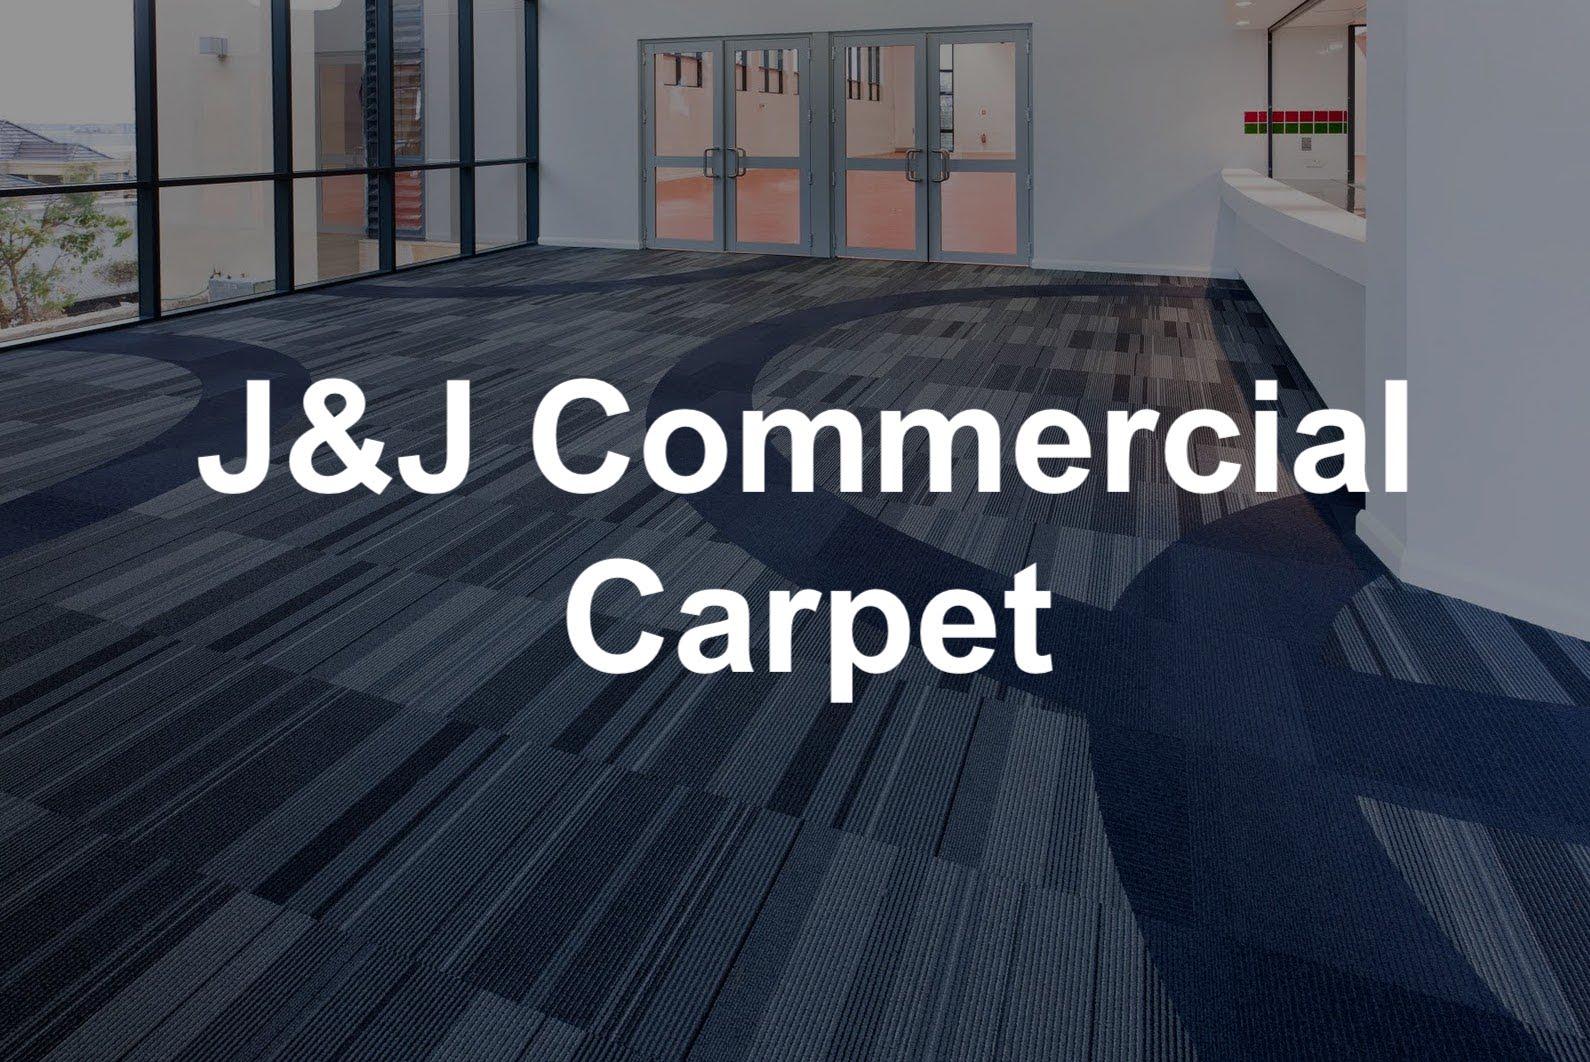 J&J COMMERICAL CARPET BOX.jpg